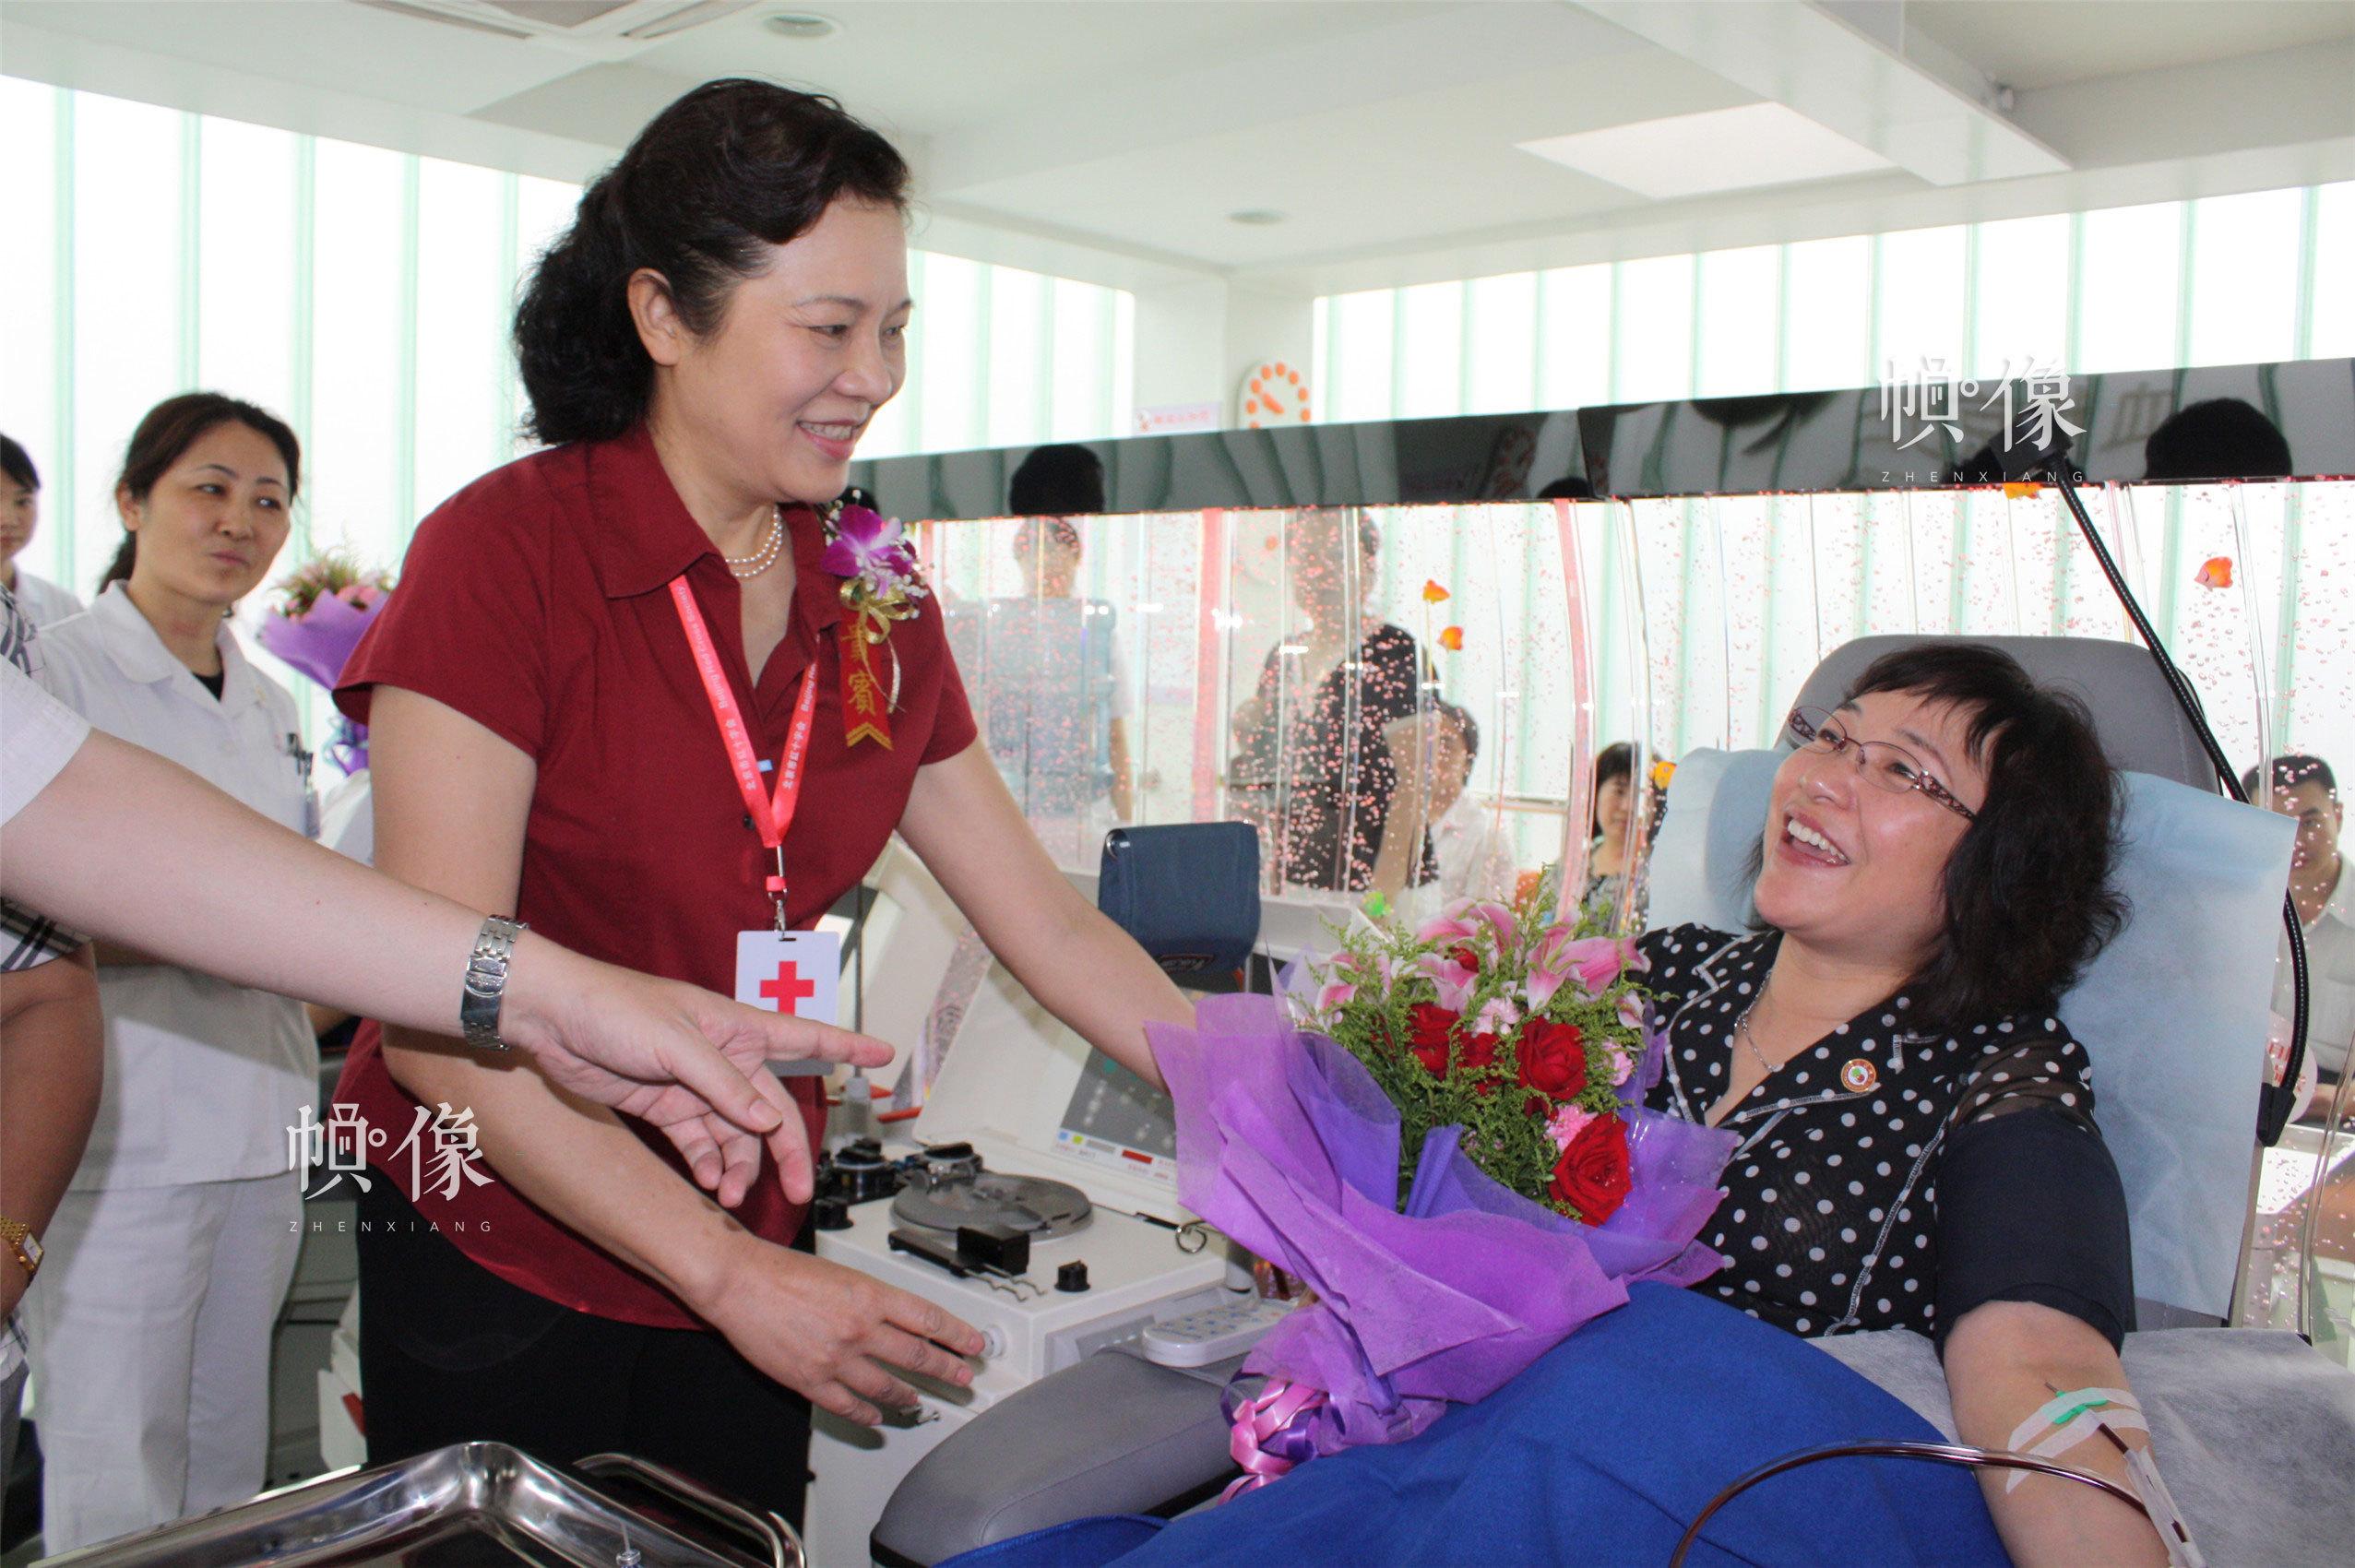 2010月6月12日,全市唯一的固定獻血屋——西單獻血屋啟用當日,時任北京市紅十字會常務副會長韓陸慰問無償獻血者。(西城區紅十字會供圖)